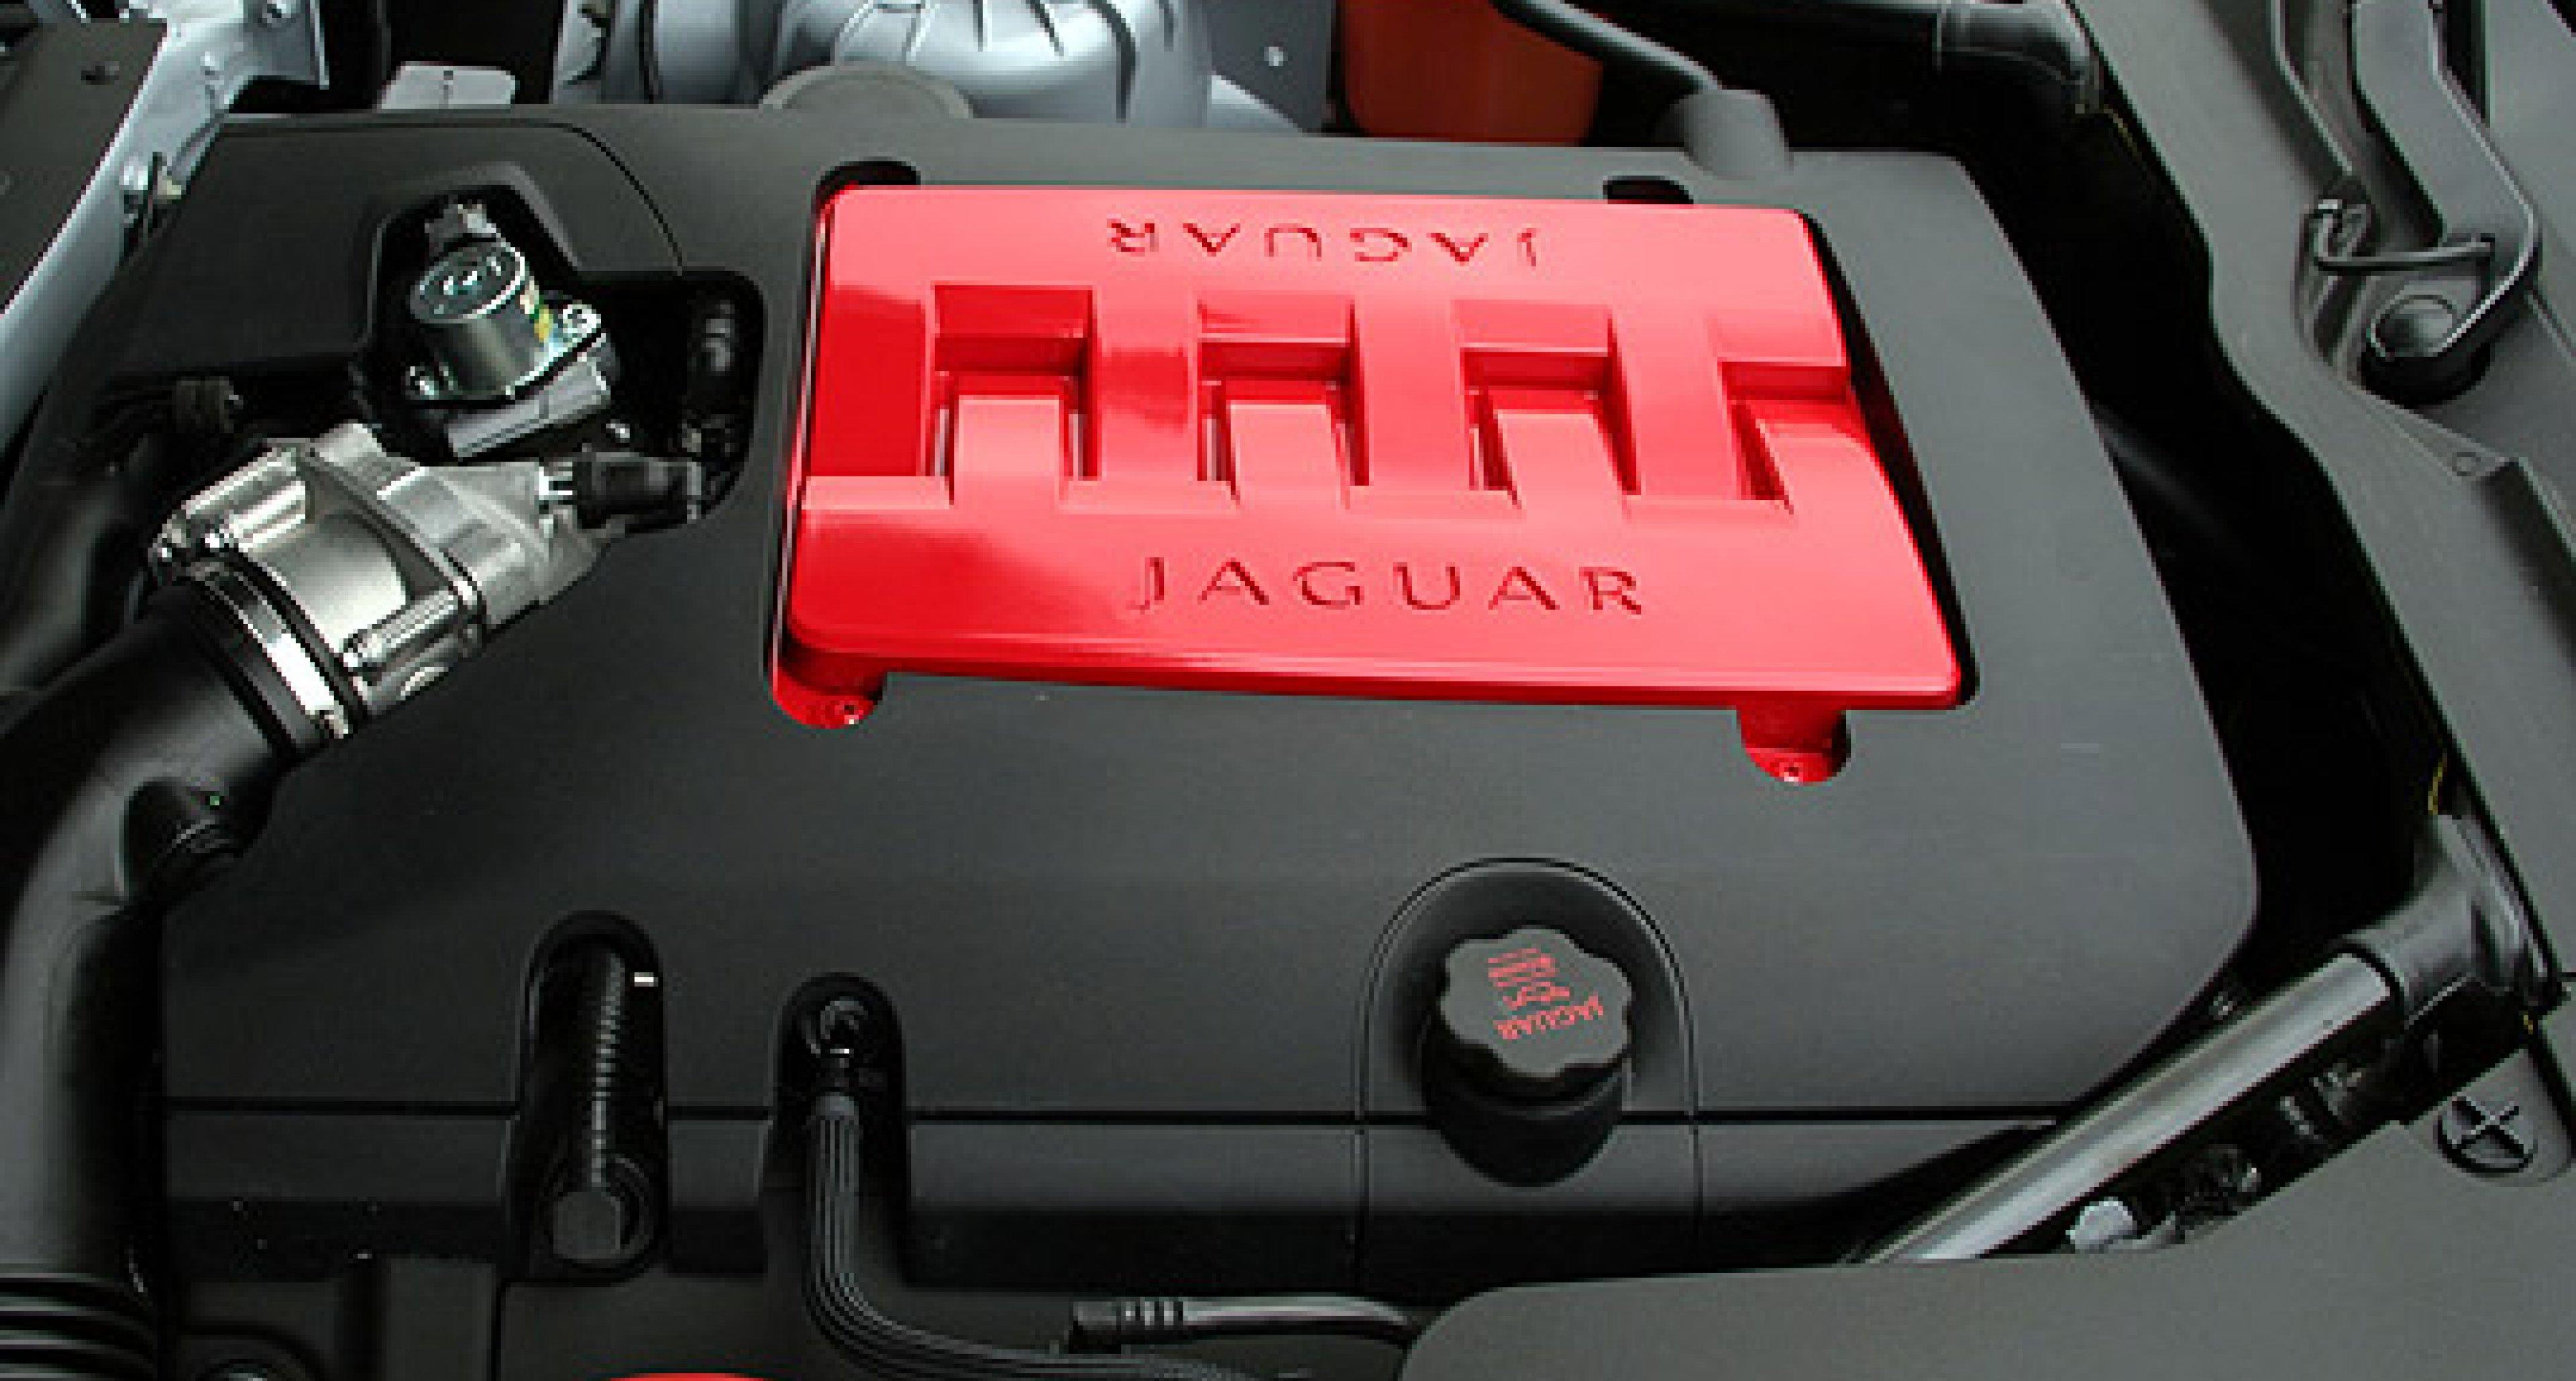 The Arden Jaguar XK AJ 20 Coupe